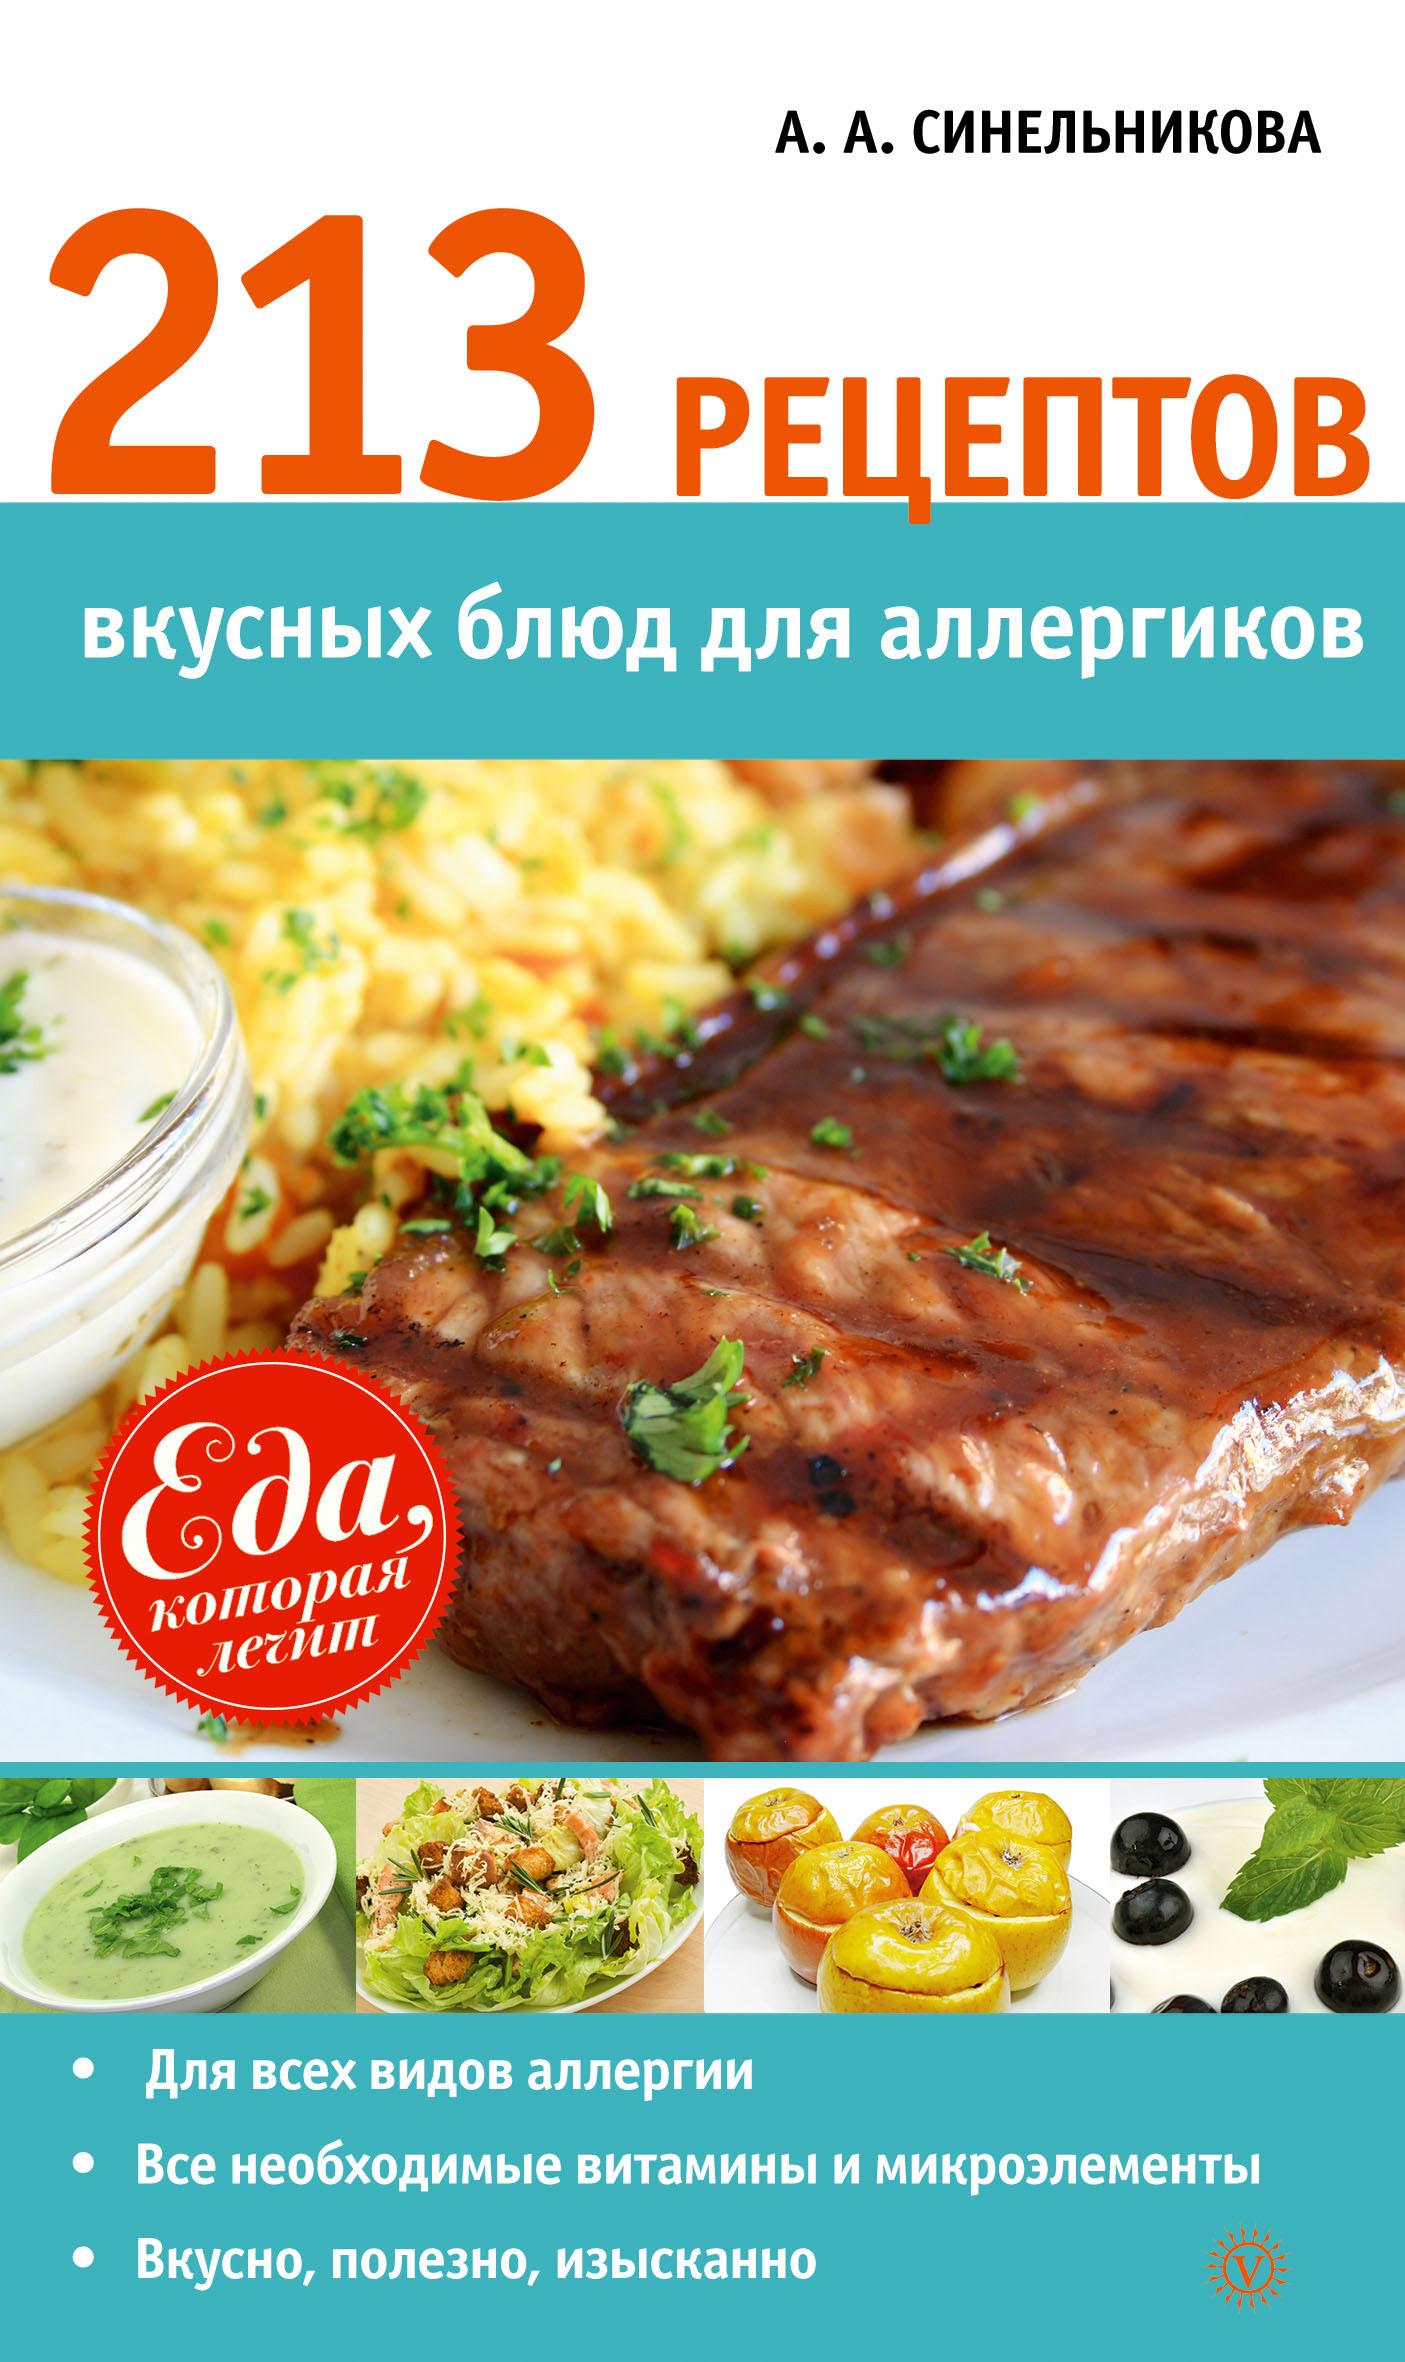 А. Синельникова «213 рецептов вкусных блюд для аллергиков»